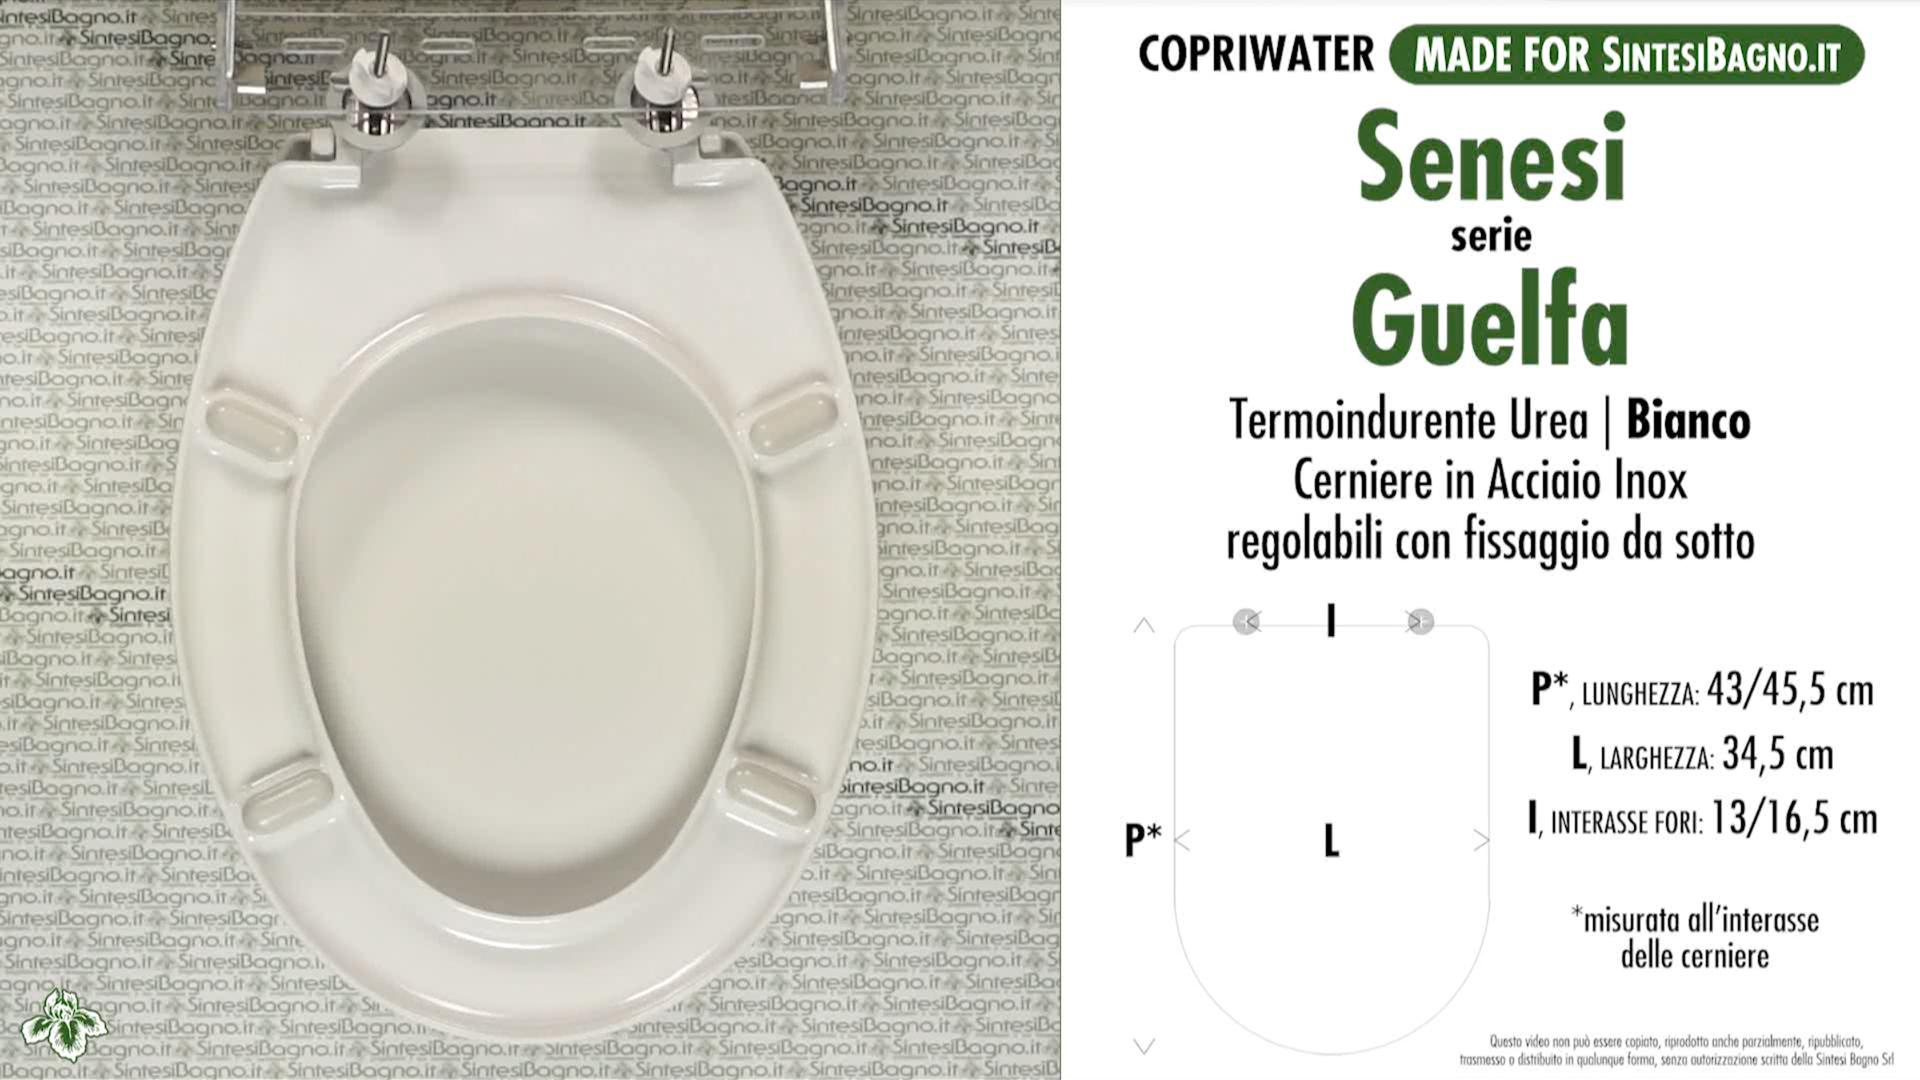 SCHEDA TECNICA MISURE copriwater SENESI GUELFA